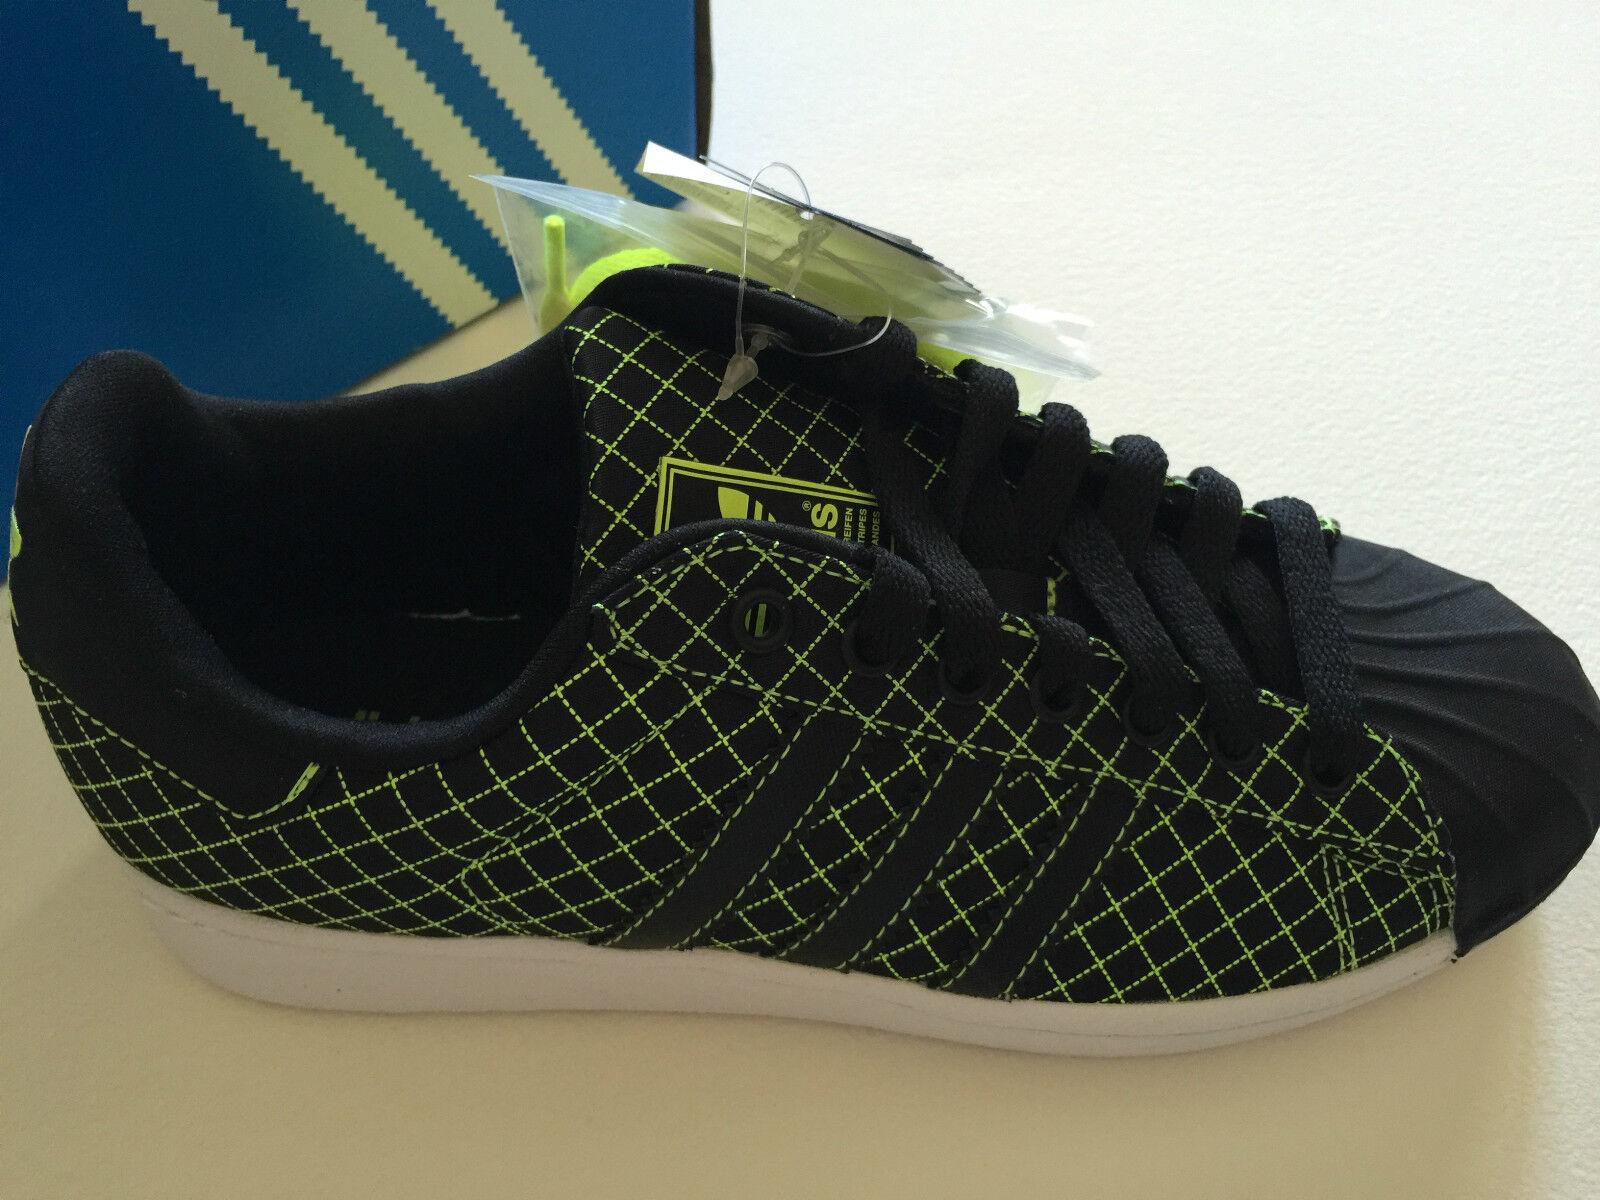 Nuevo Zapatillas Adidas Superstar LTO Cuadrícula Verde Negro 5/Reino Tamaño EE. UU. hombres 5/Reino Negro Unido Hombre 4.5 42c540